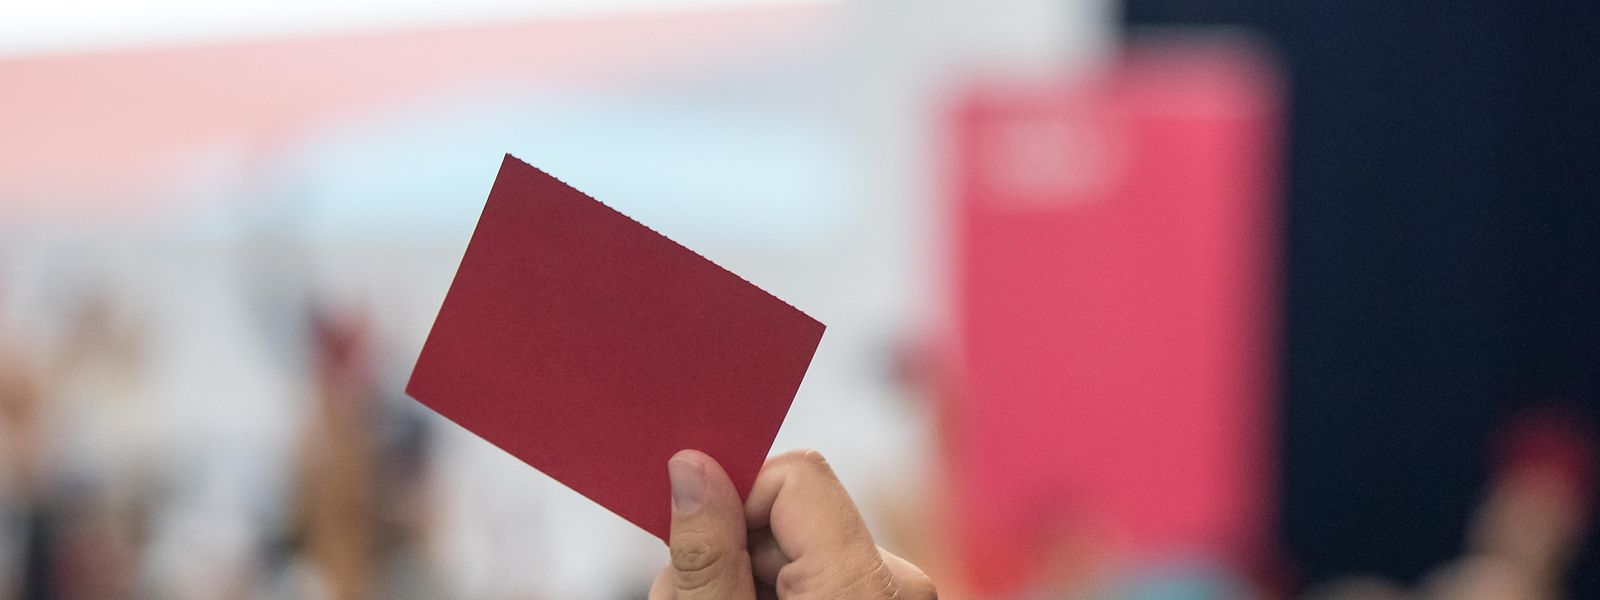 Die JSL wird gegen den Koalitionsvertrag stimmen.